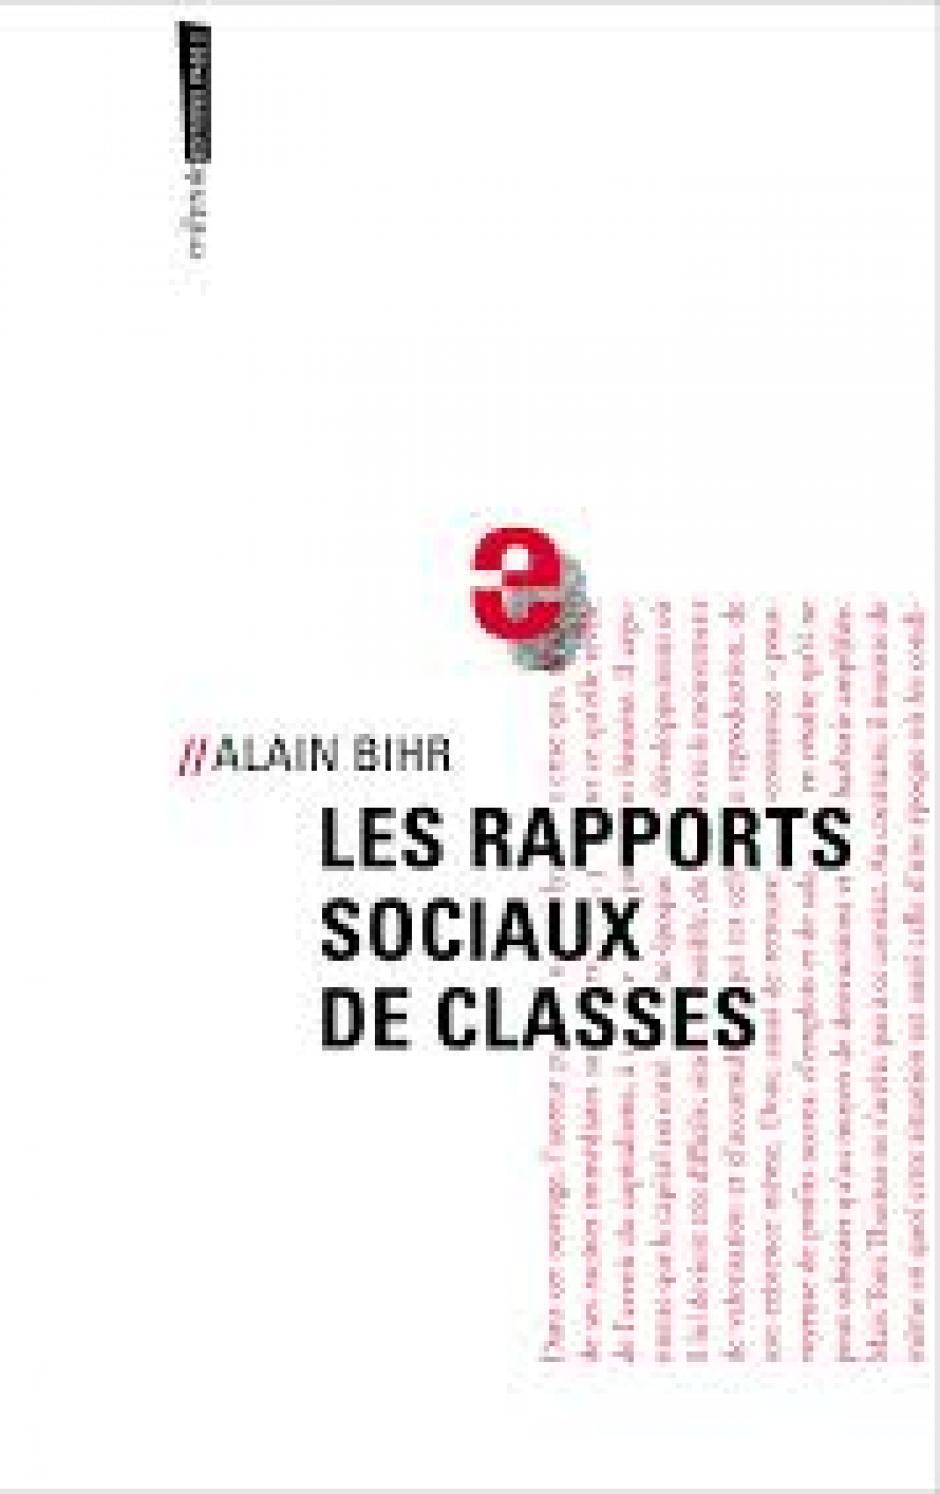 Les rapports sociaux de classes, Entretien avec Alain Bihr